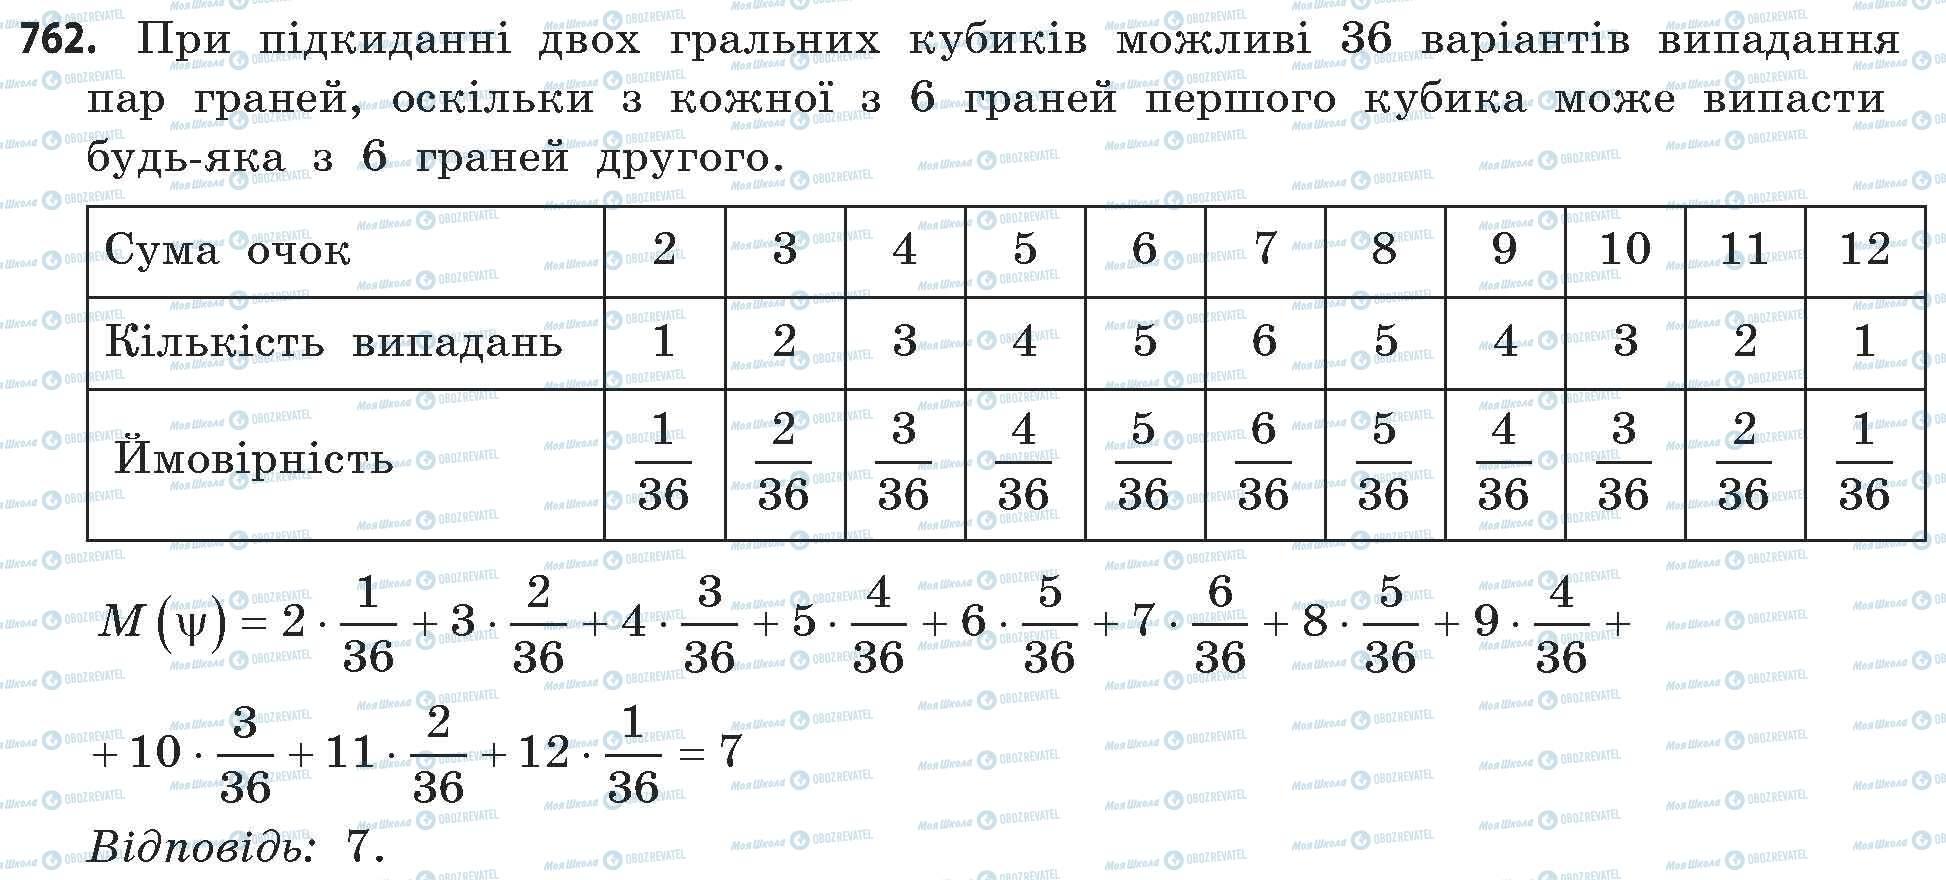 ГДЗ Математика 11 класс страница 762